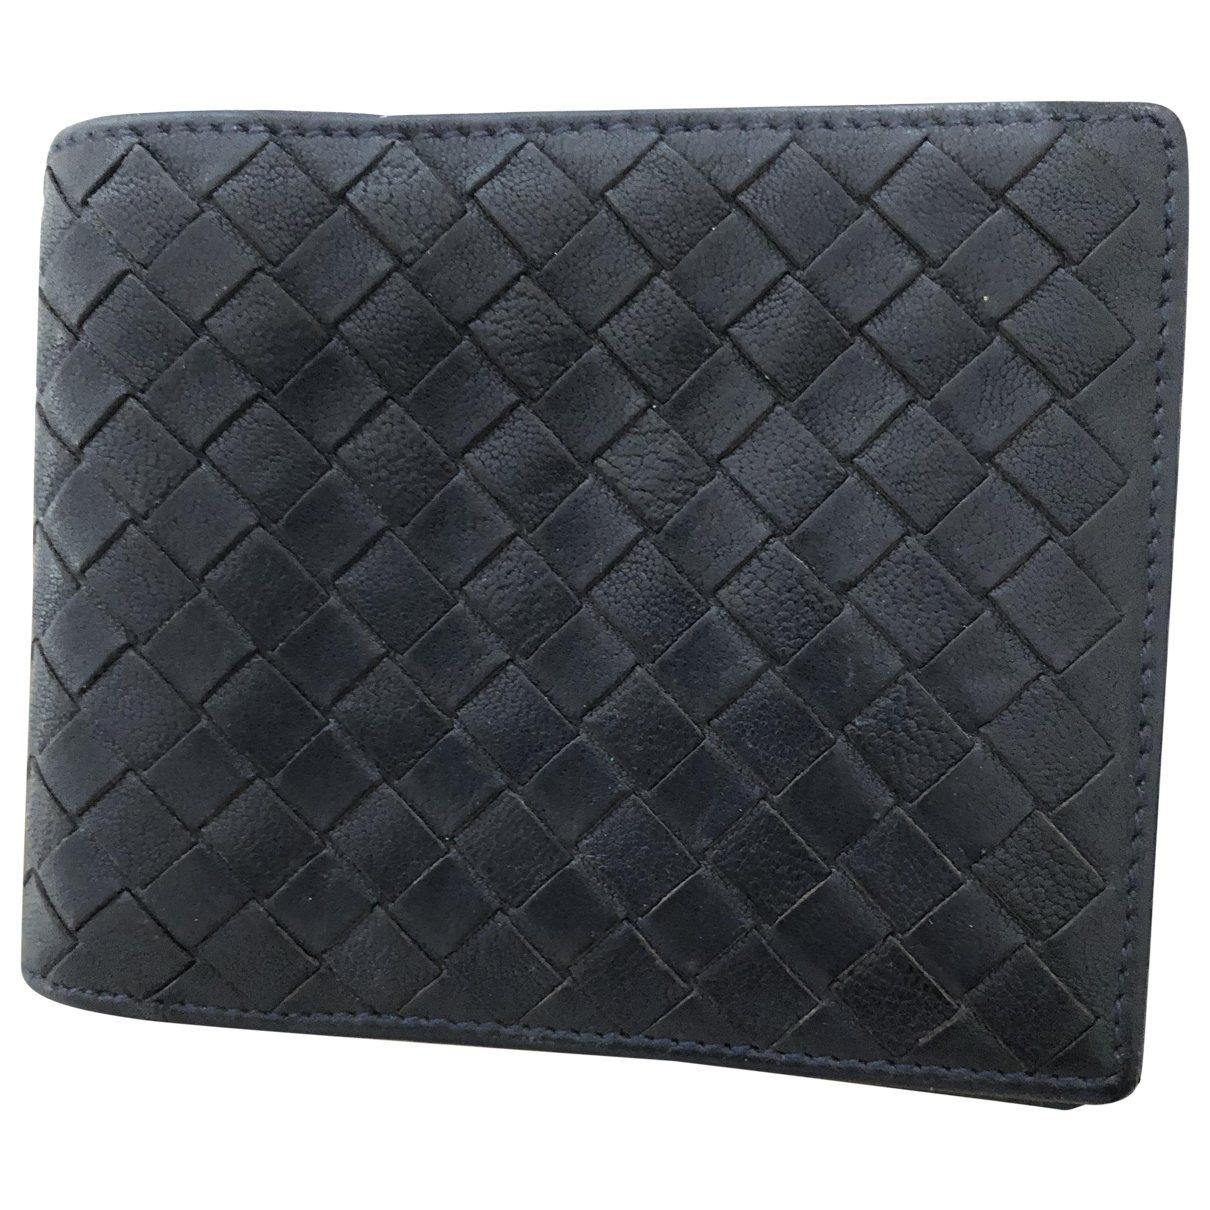 Bottega Veneta \N Blue Leather Small bag, wallet & cases for Men \N